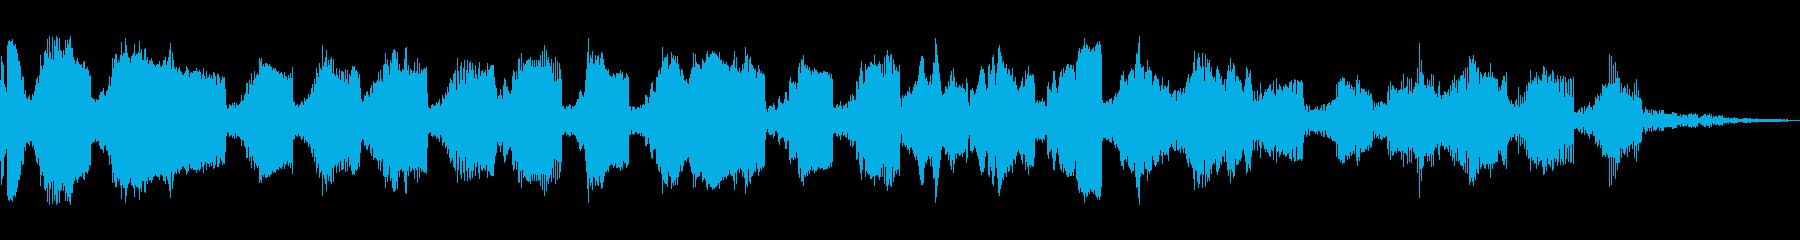 アグレッシブシンセセグ2の再生済みの波形